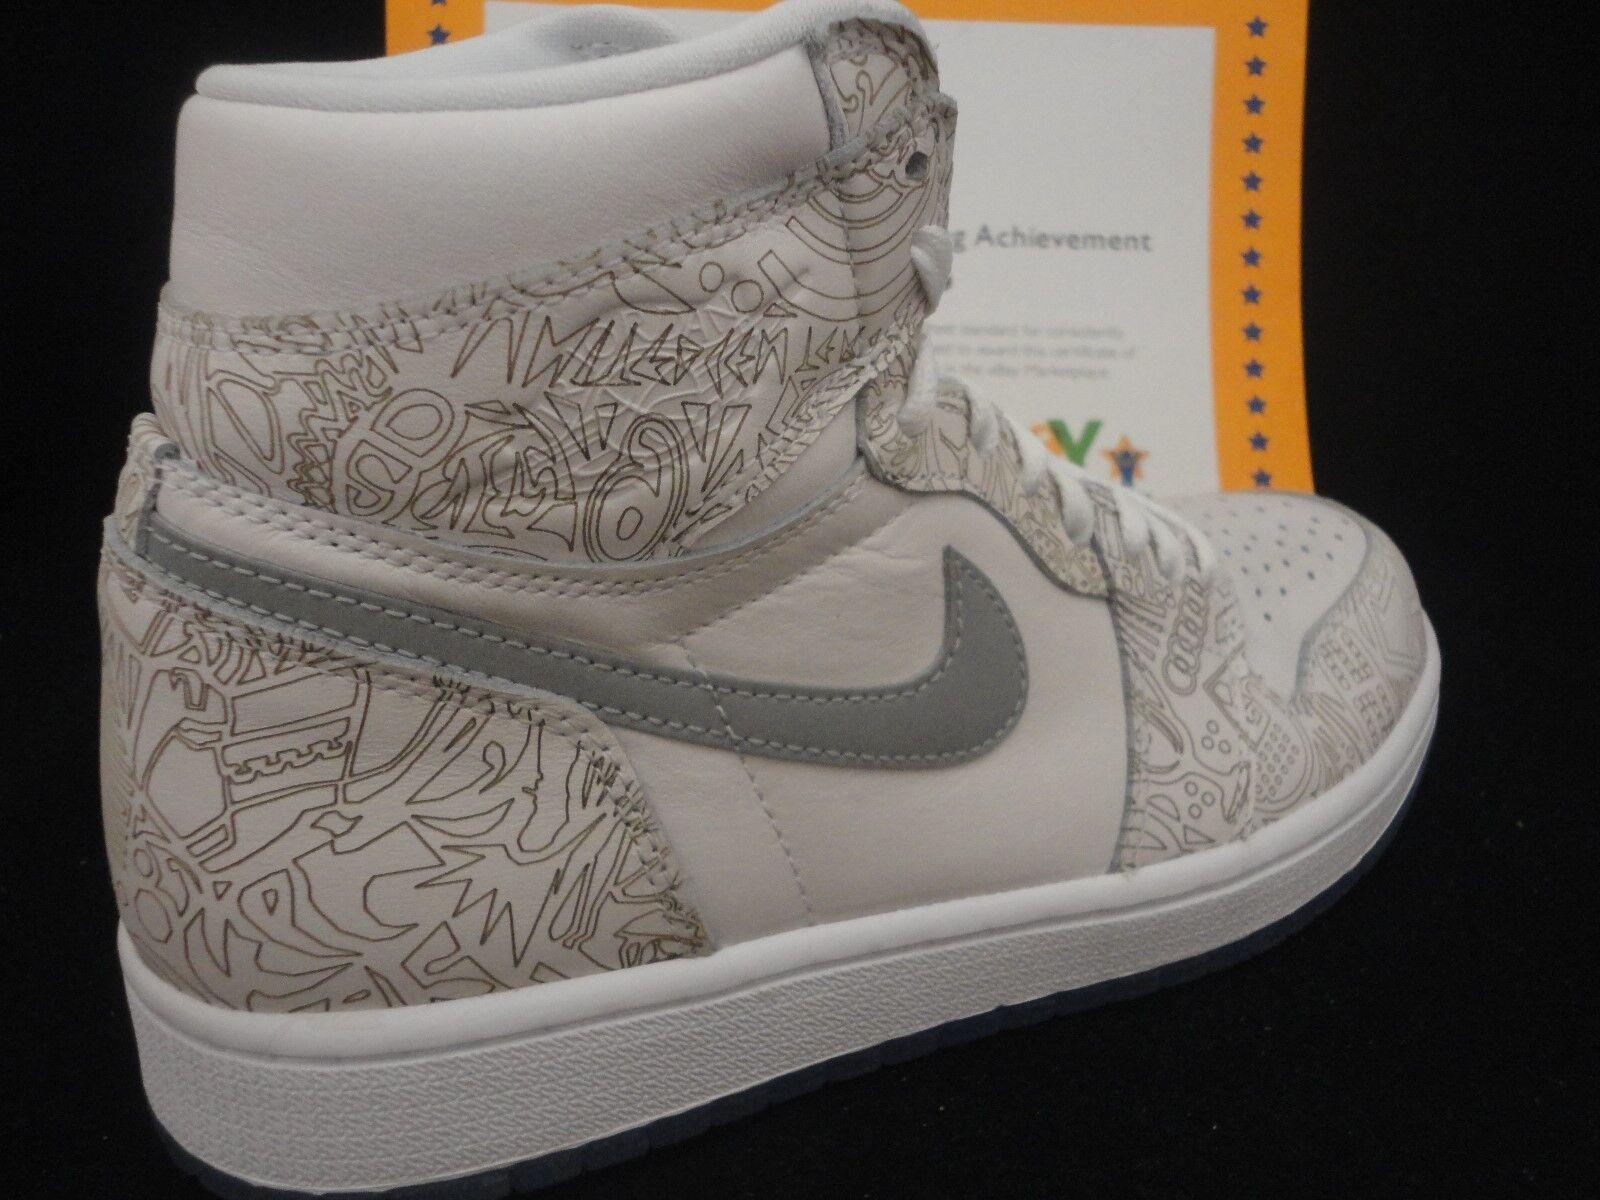 new arrival 0ea9f 35e8f Nike Air Jordan 1 retro Hi OG OG OG láser, Blanco   Metallic Plata,